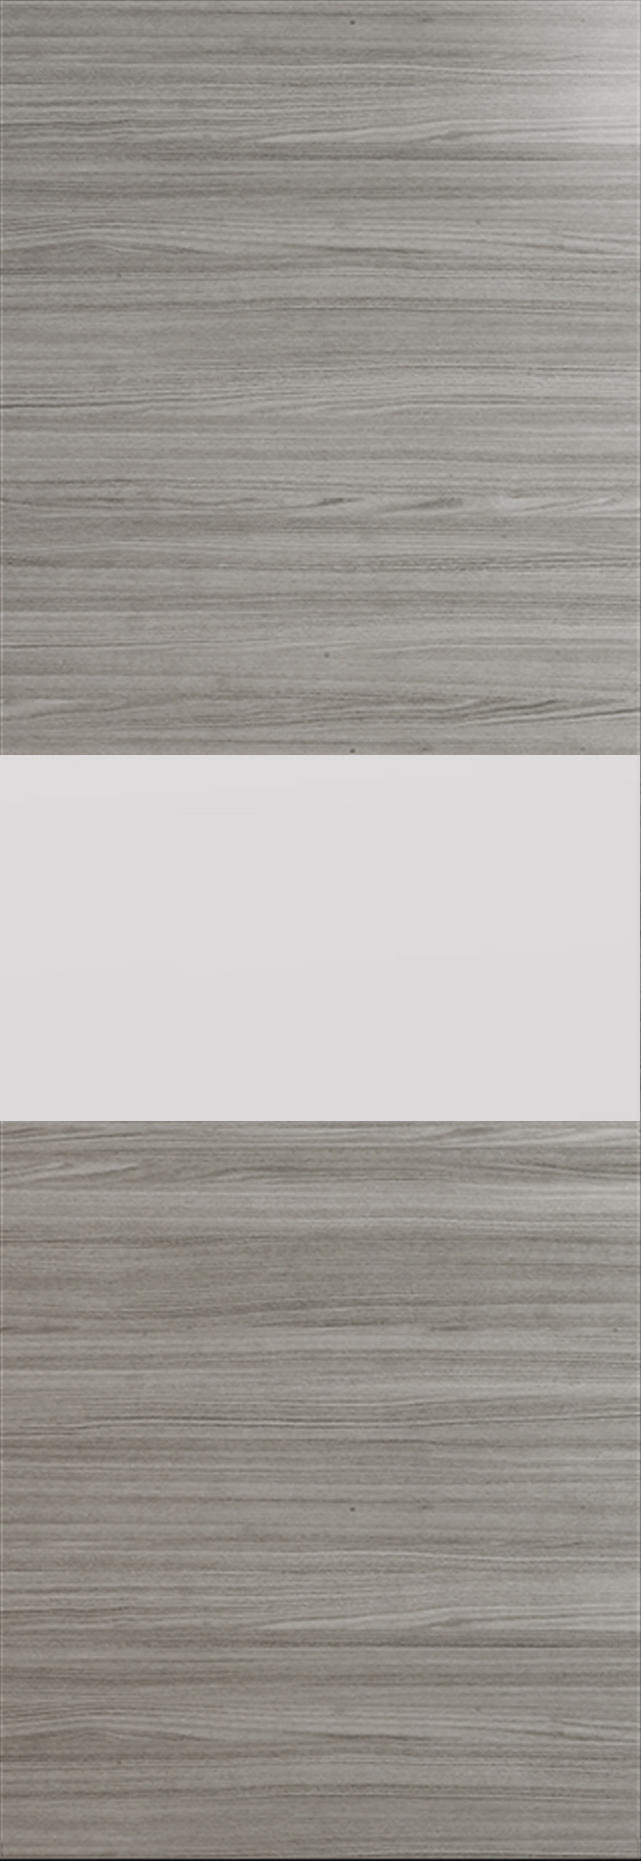 Tivoli Е-4 Invisible цвет - Орех пепельный Без стекла (ДГ)